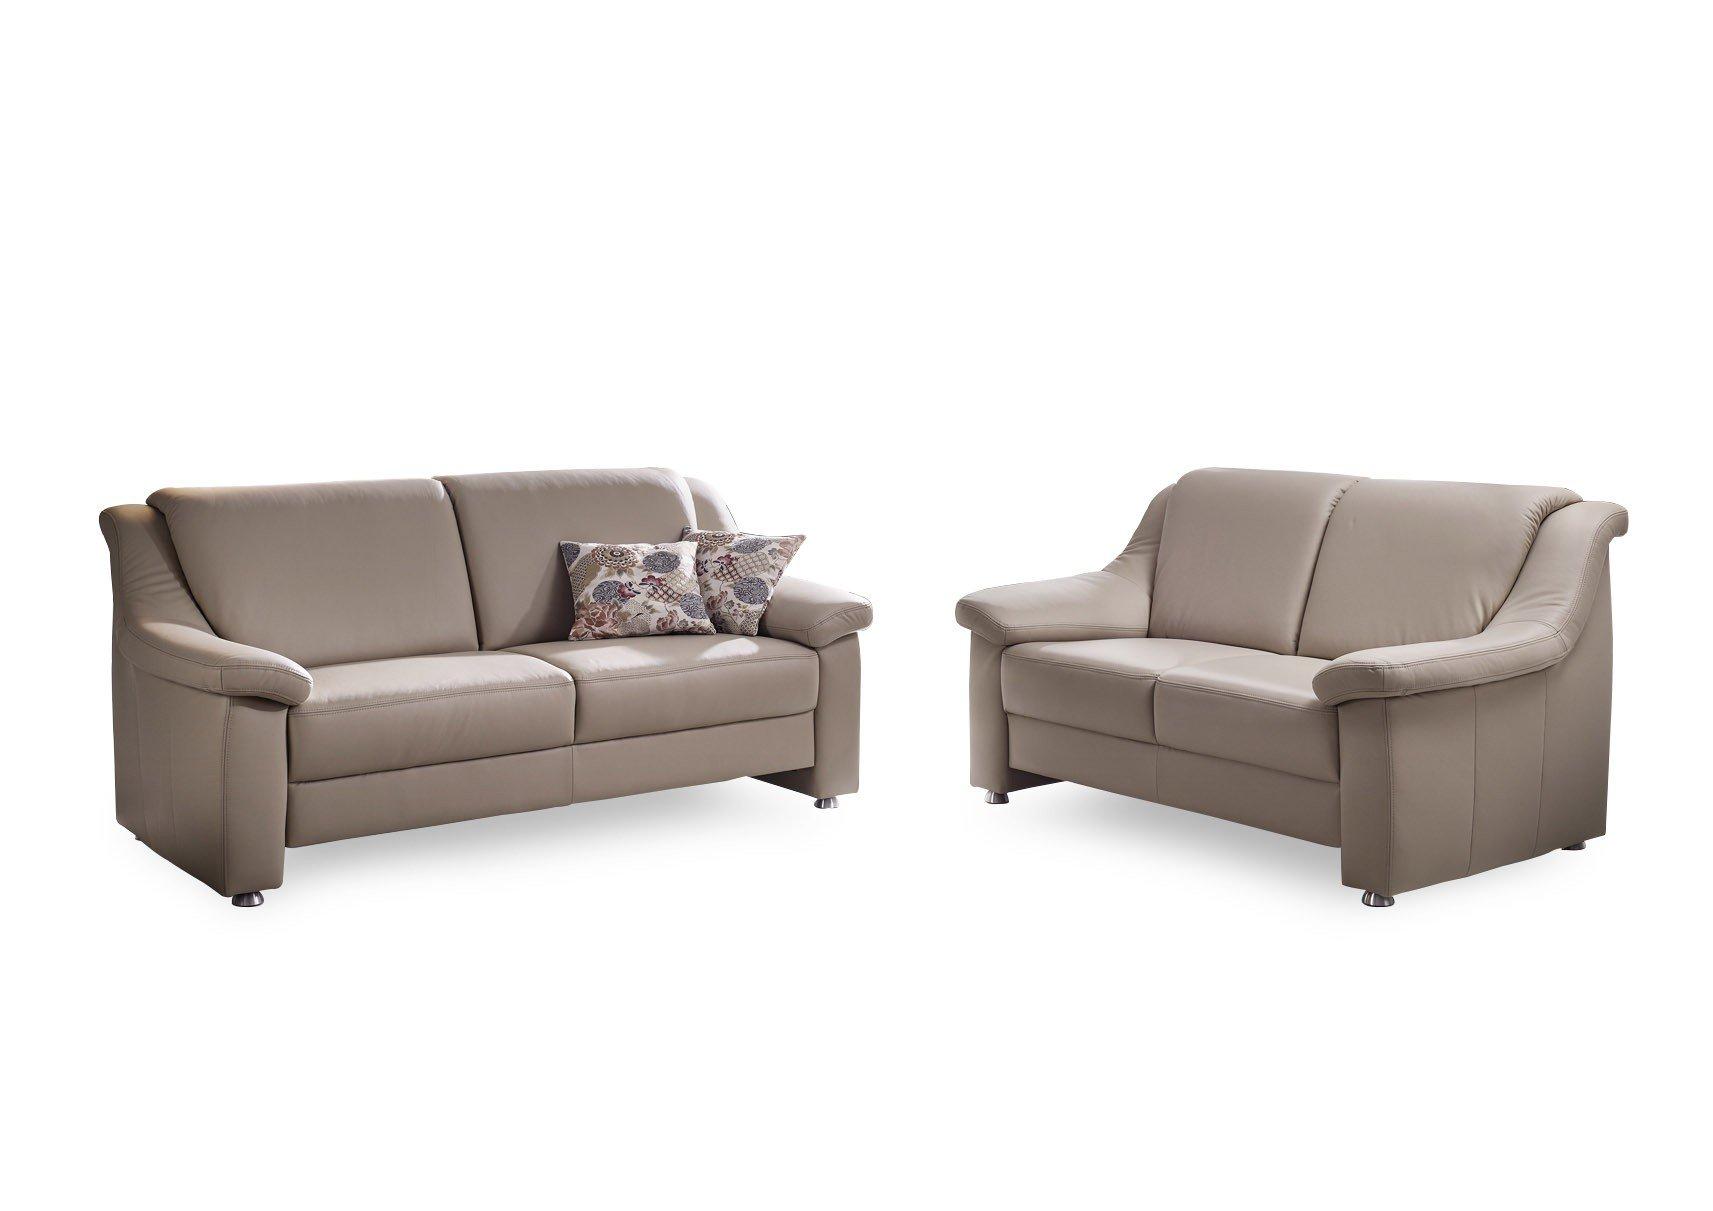 gruber polsterm bel genesis ledergarnitur in beige m bel letz ihr online shop. Black Bedroom Furniture Sets. Home Design Ideas